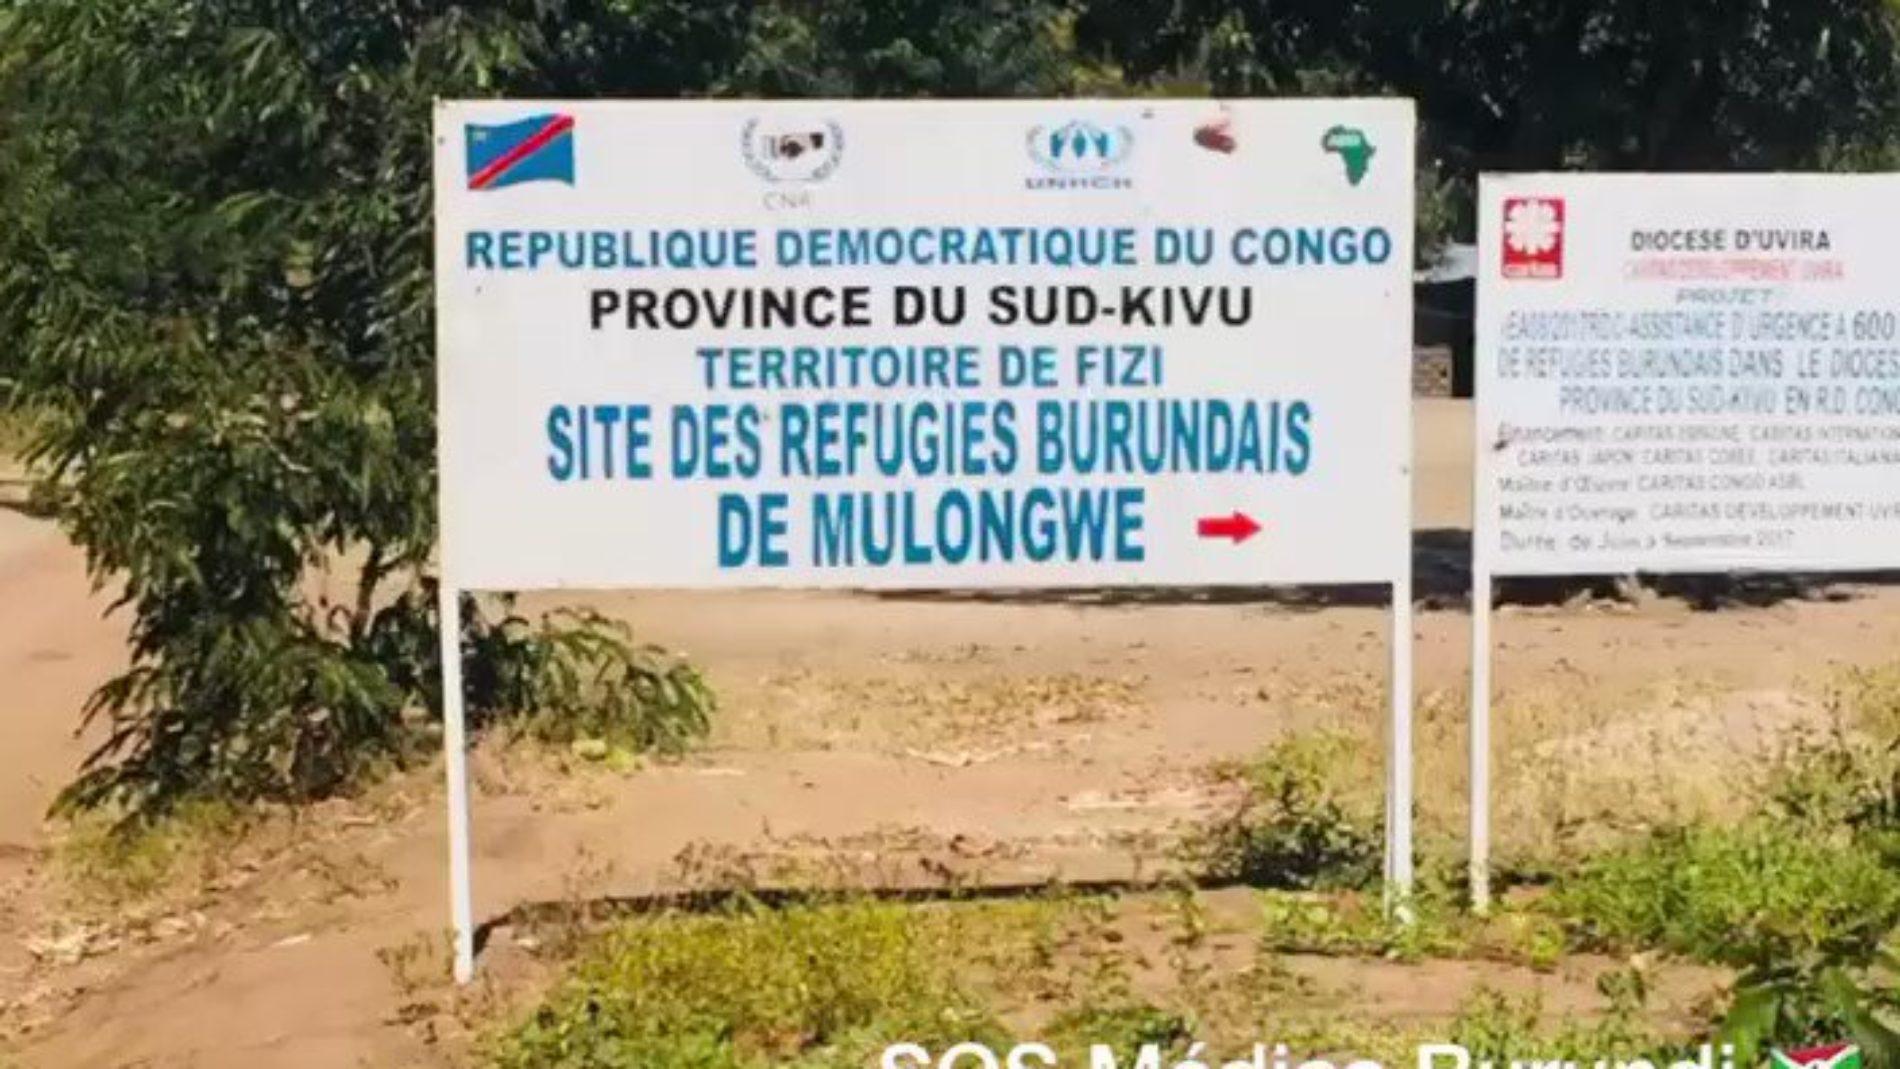 Covid-19: des camps de réfugiés burundais en RDC sur le qui-vive